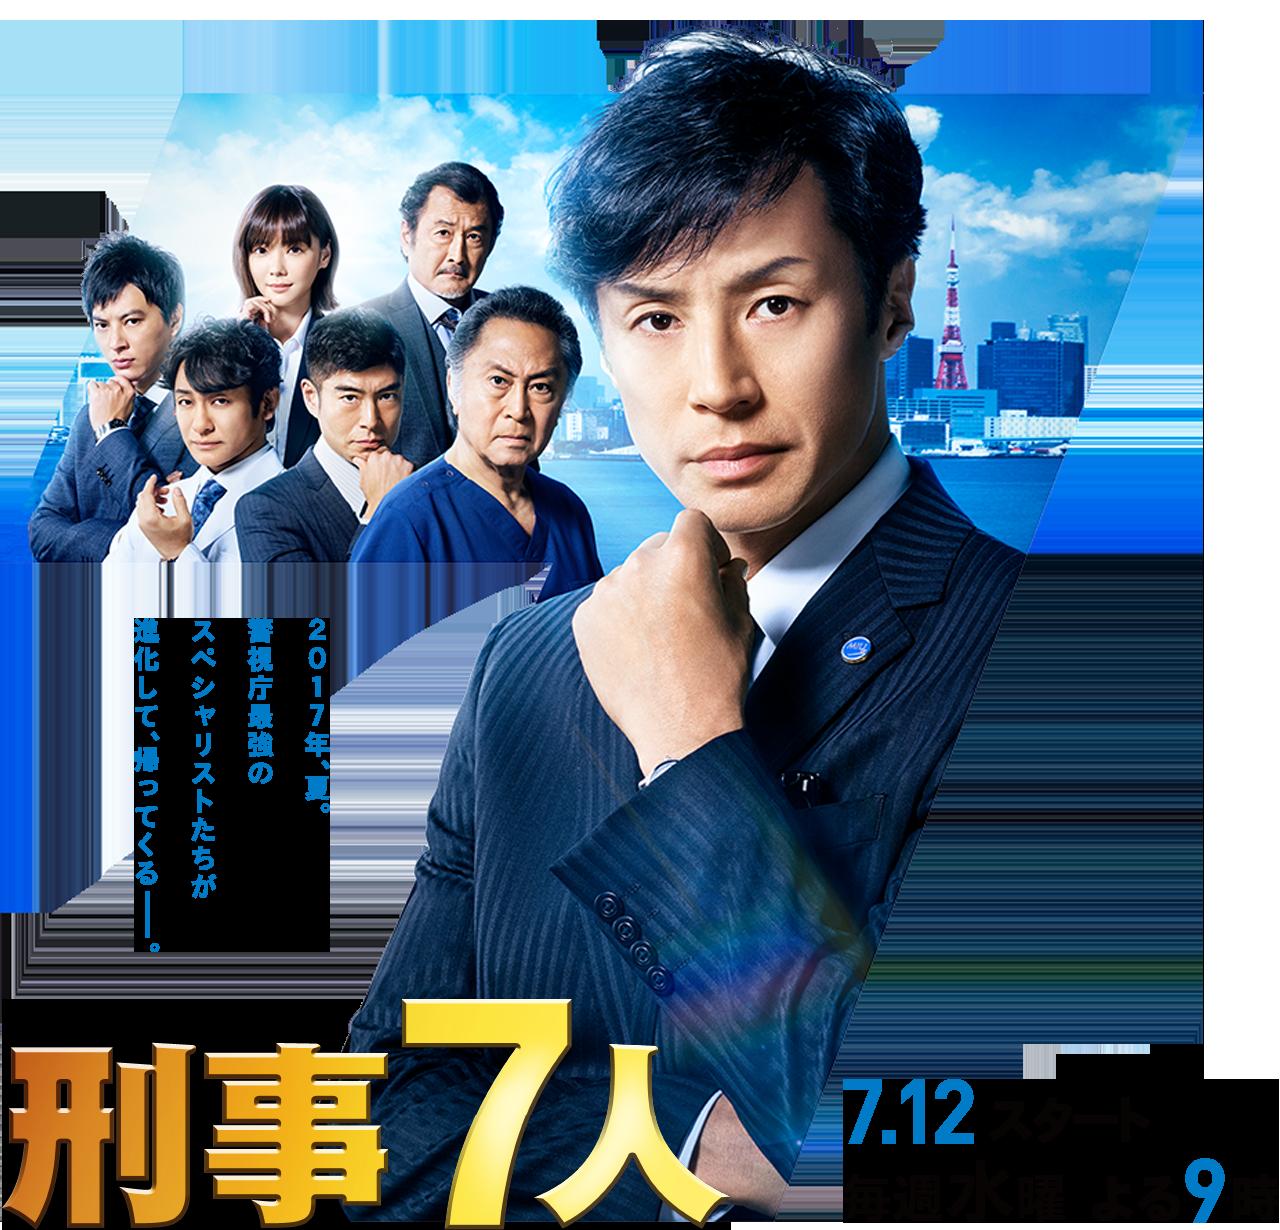 7 ネタバレ 刑事 人